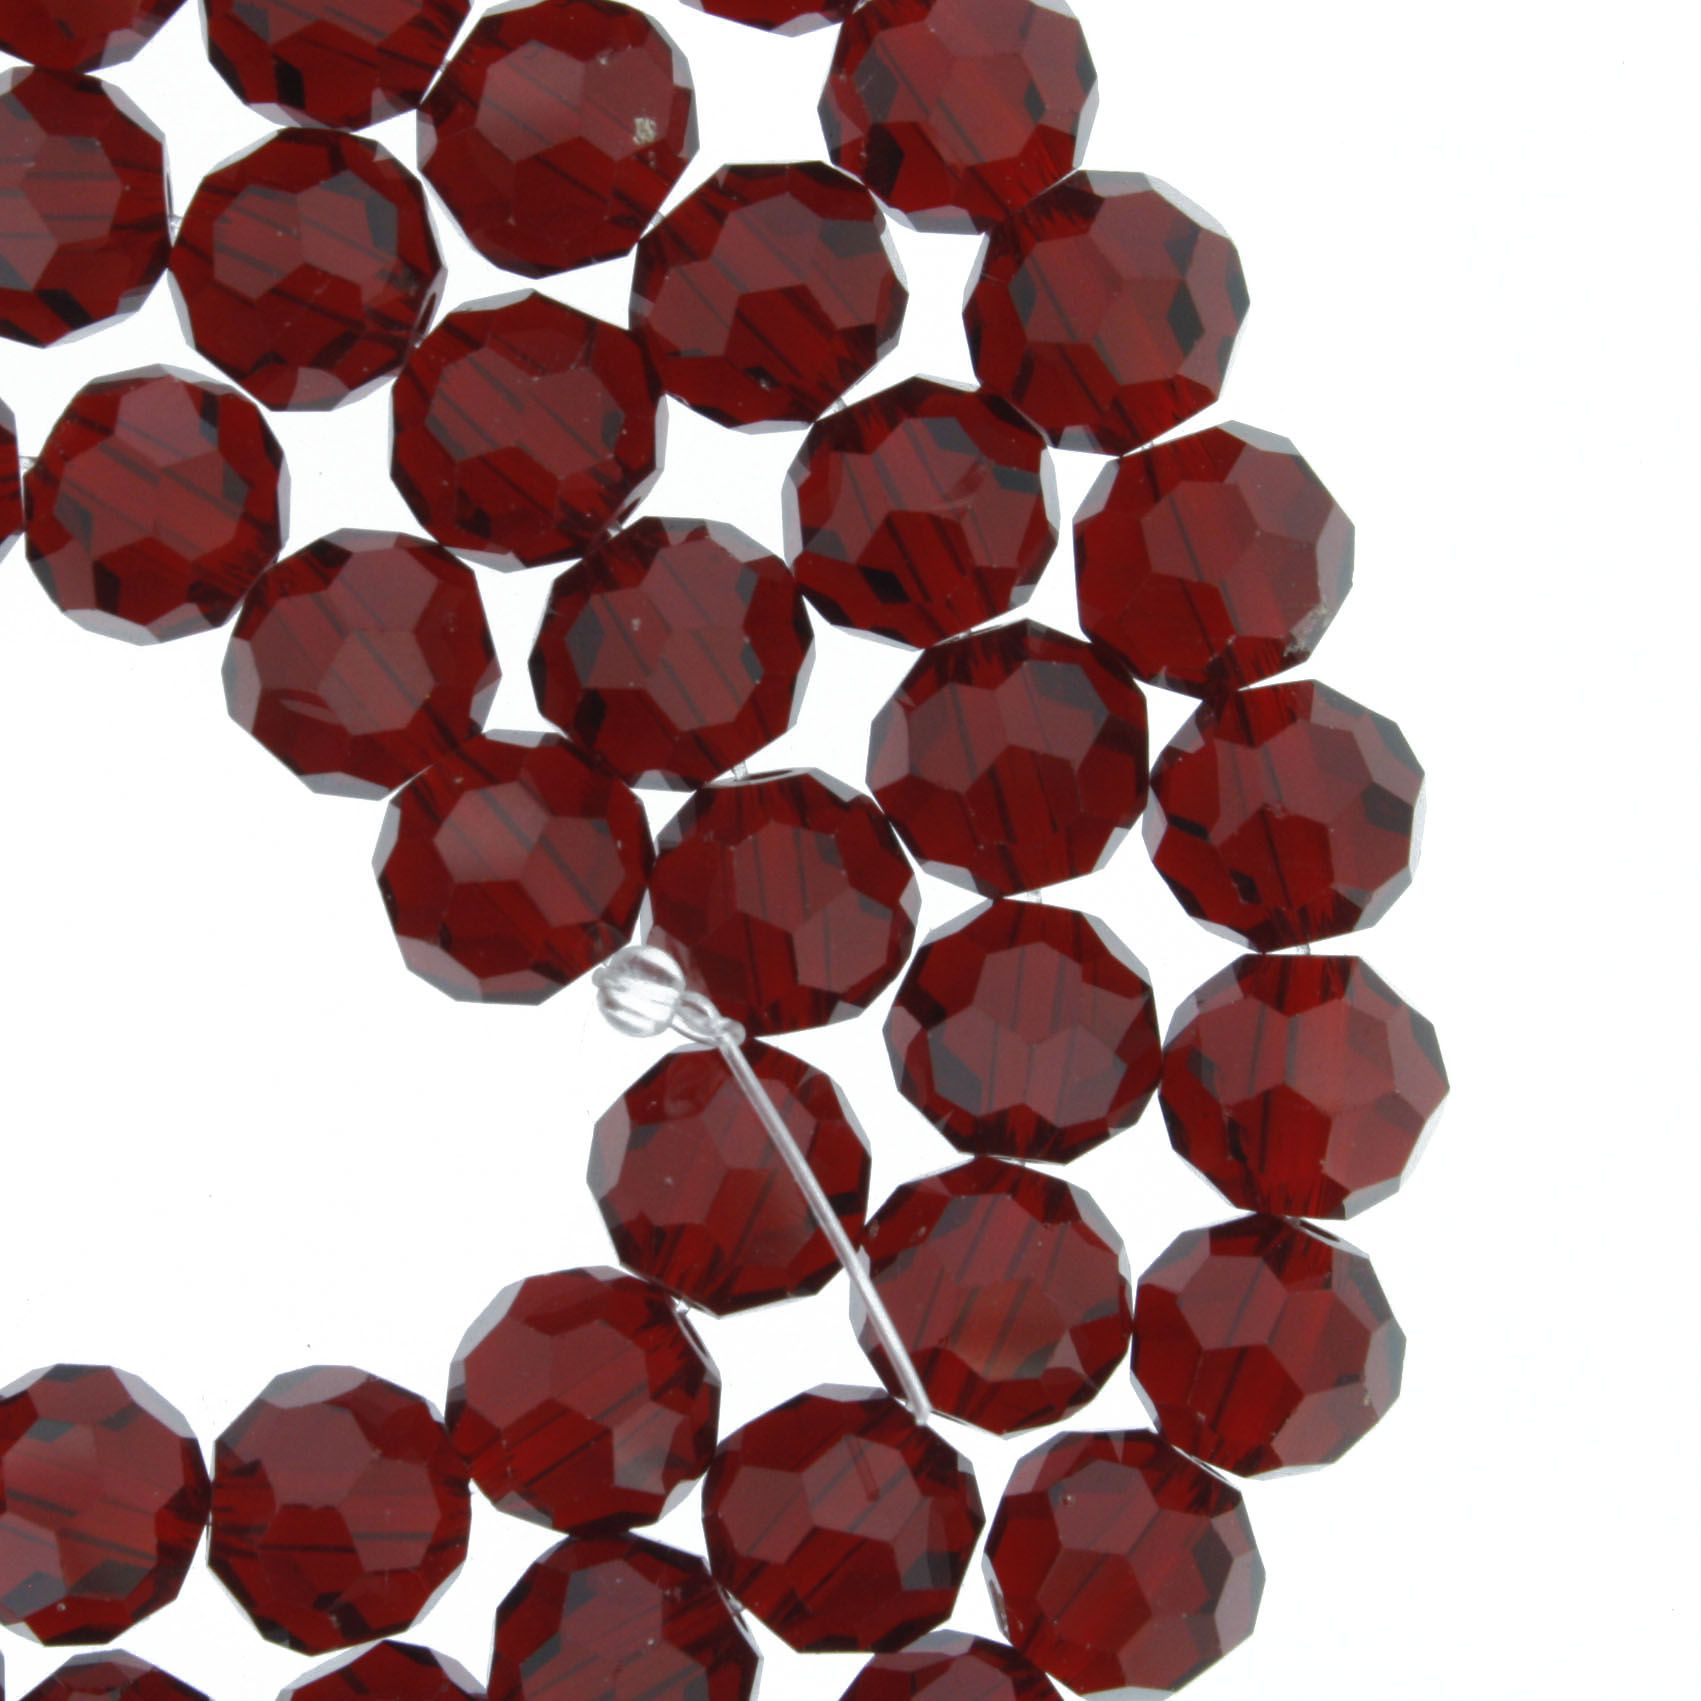 Fio de Cristal - Premium® - Vermelho Transparente - 8mm  - Stéphanie Bijoux® - Peças para Bijuterias e Artesanato